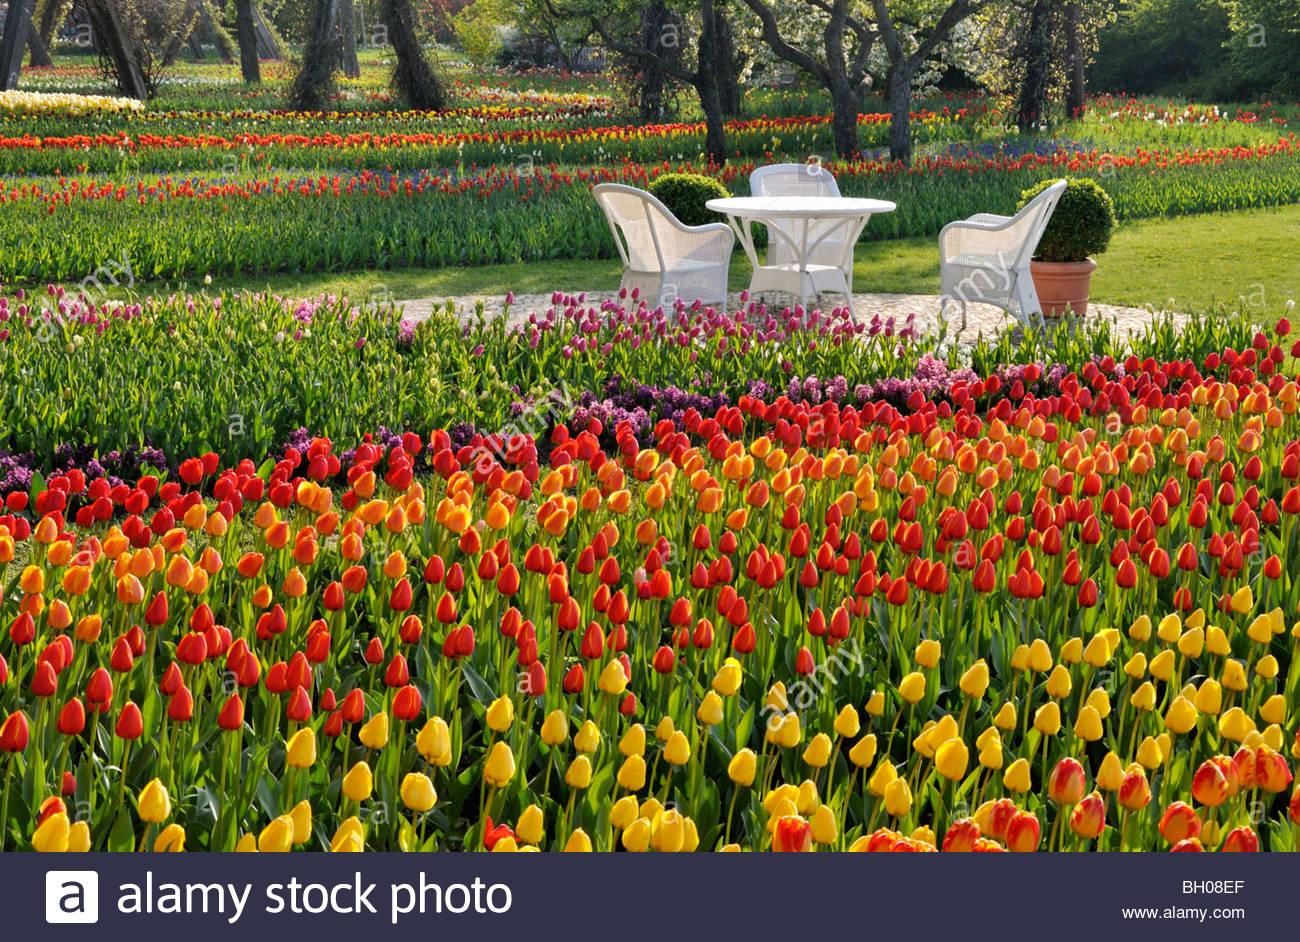 Berlin Britzer Garten Best Of Tulipan Stock S & Tulipan Stock Page 2 Alamy